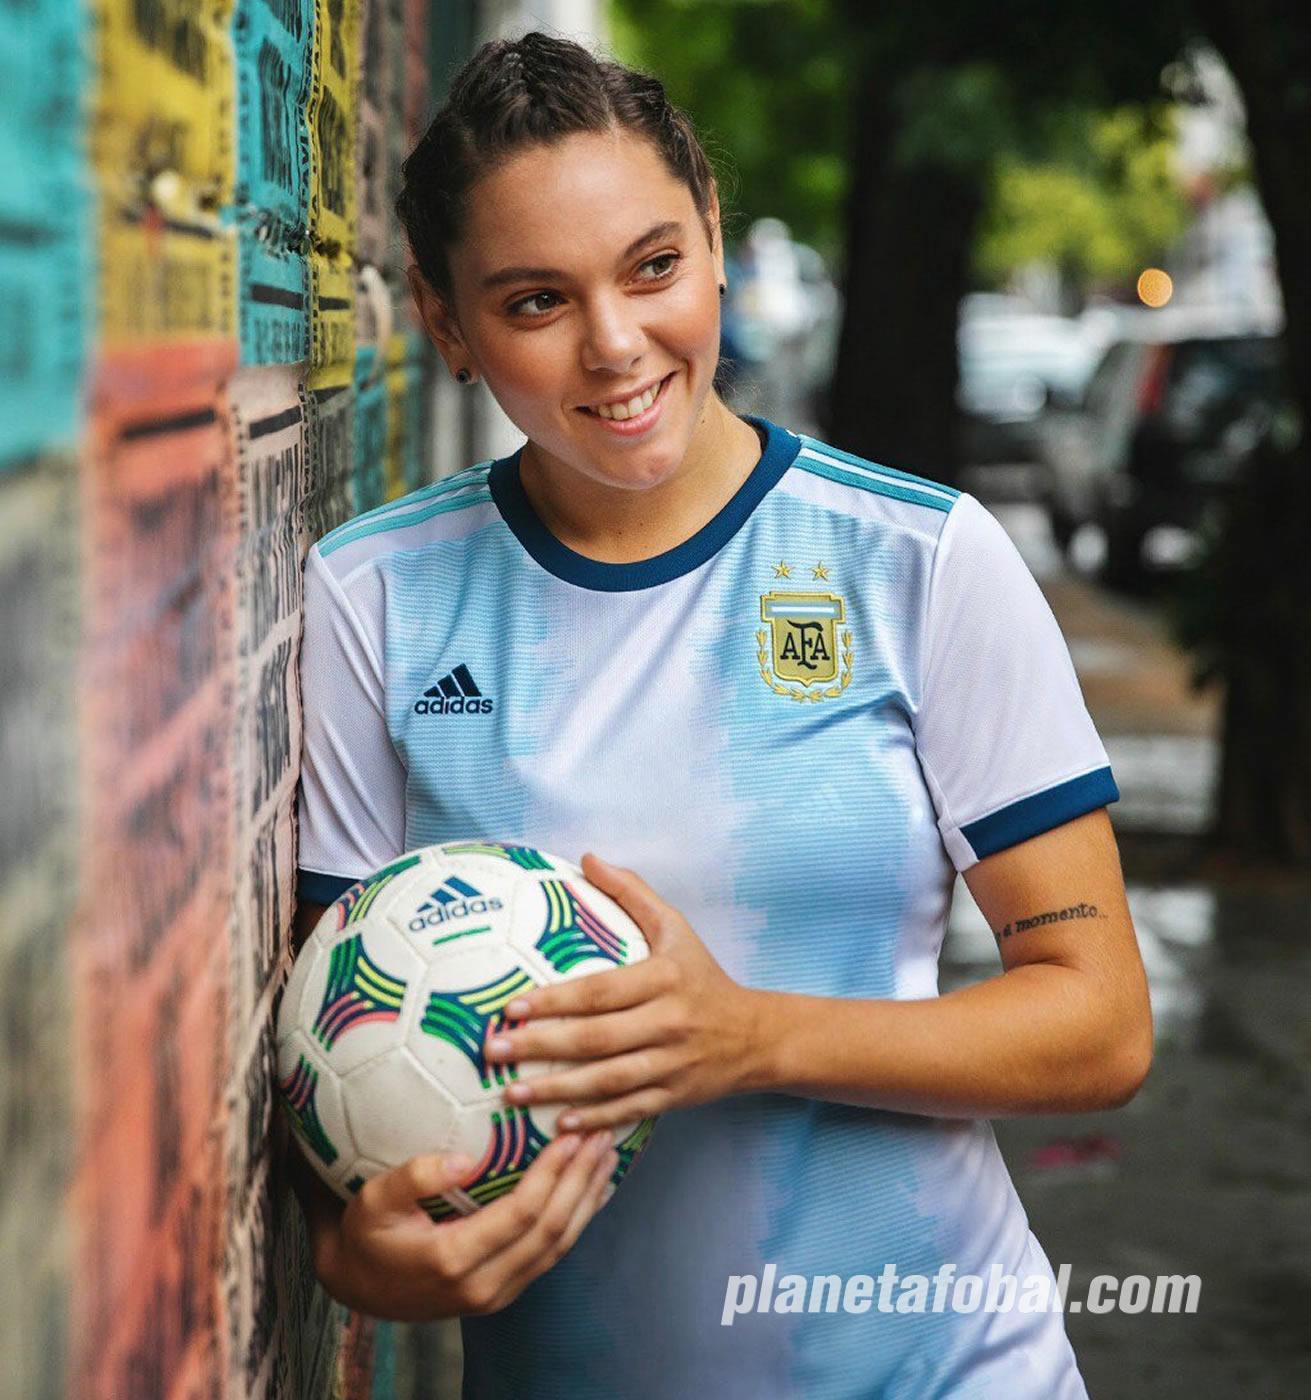 Camiseta Adidas de Argentina Mundial 2019 | Imagen AFA